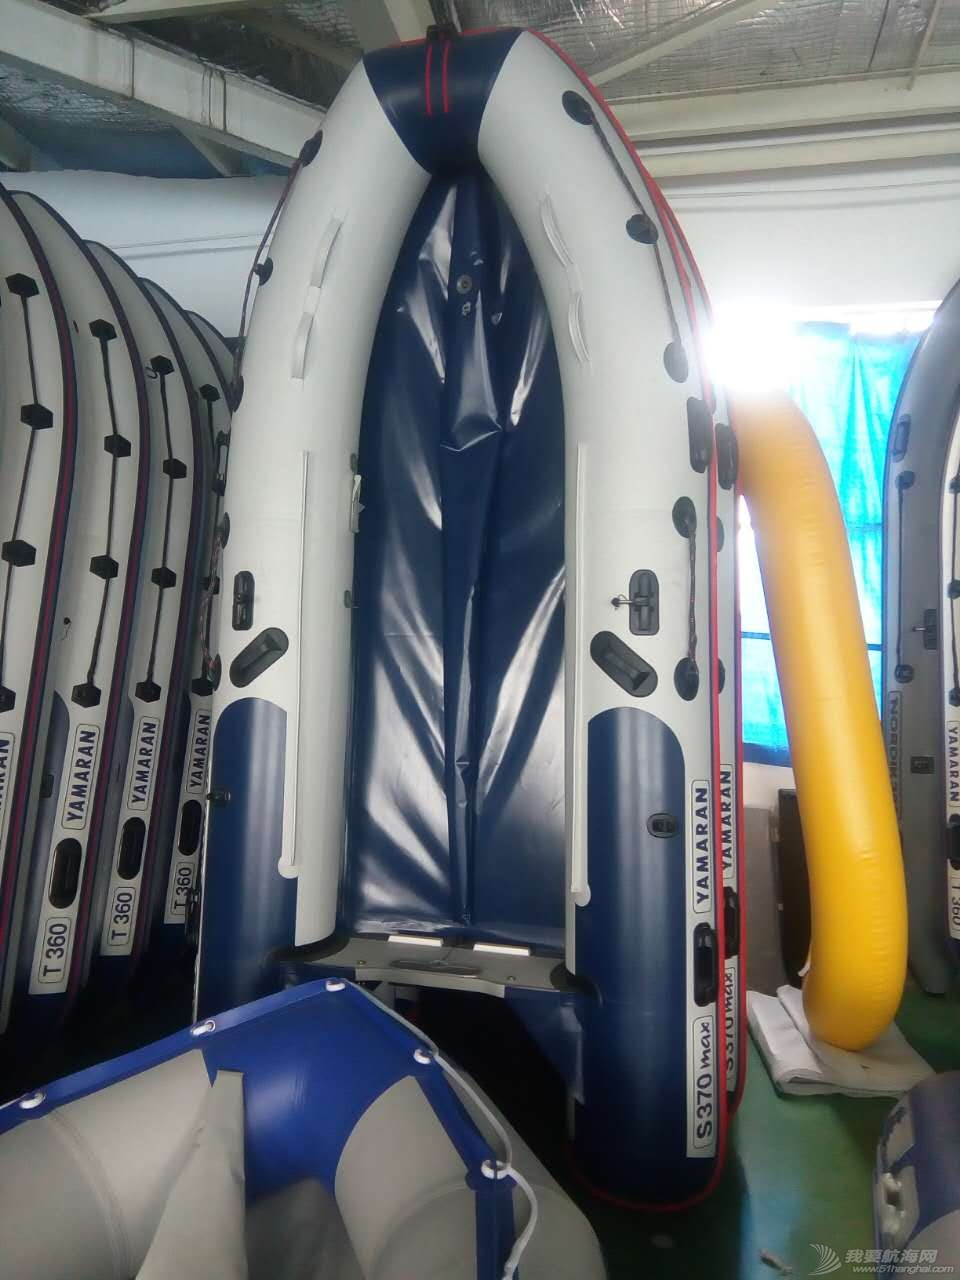 俄罗斯,冲锋舟,铝合金,木地板,橡皮船 福利啊,有喜欢冲锋舟的进来看看,价格便宜 94475683912128108.jpg